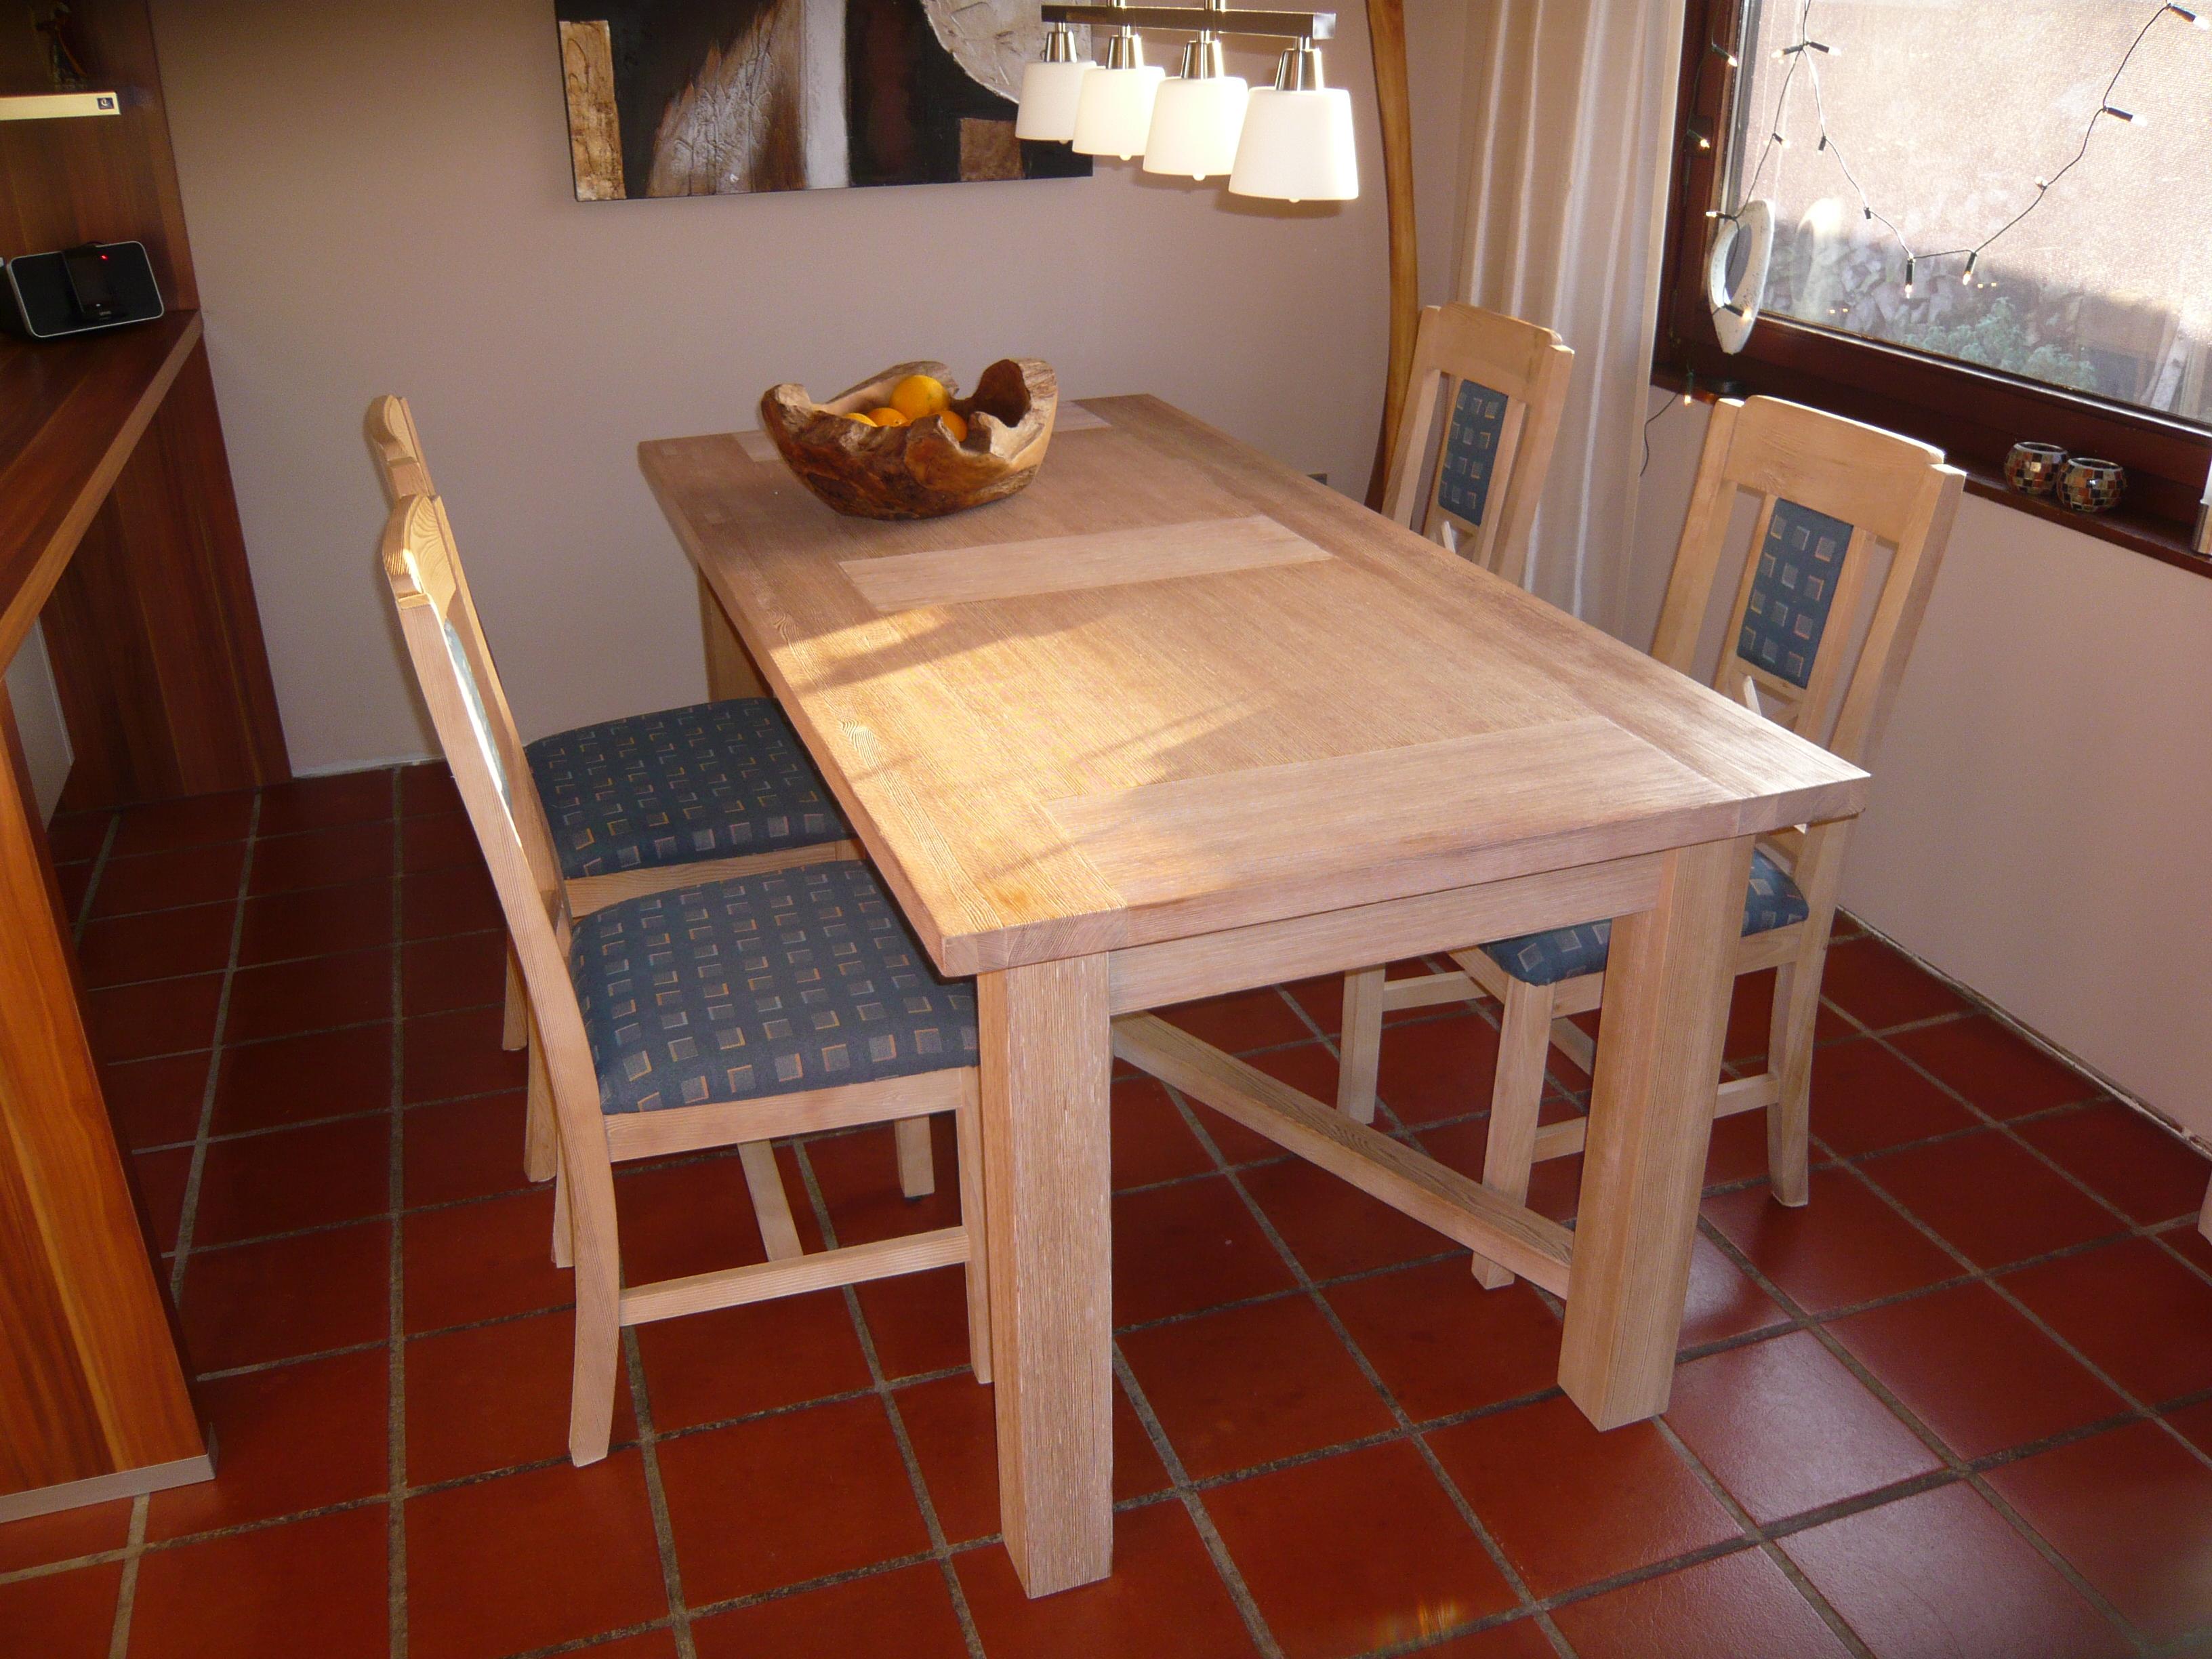 Möbel und Haushalt Kleinanzeigen in Stapelfeld - Seite 3